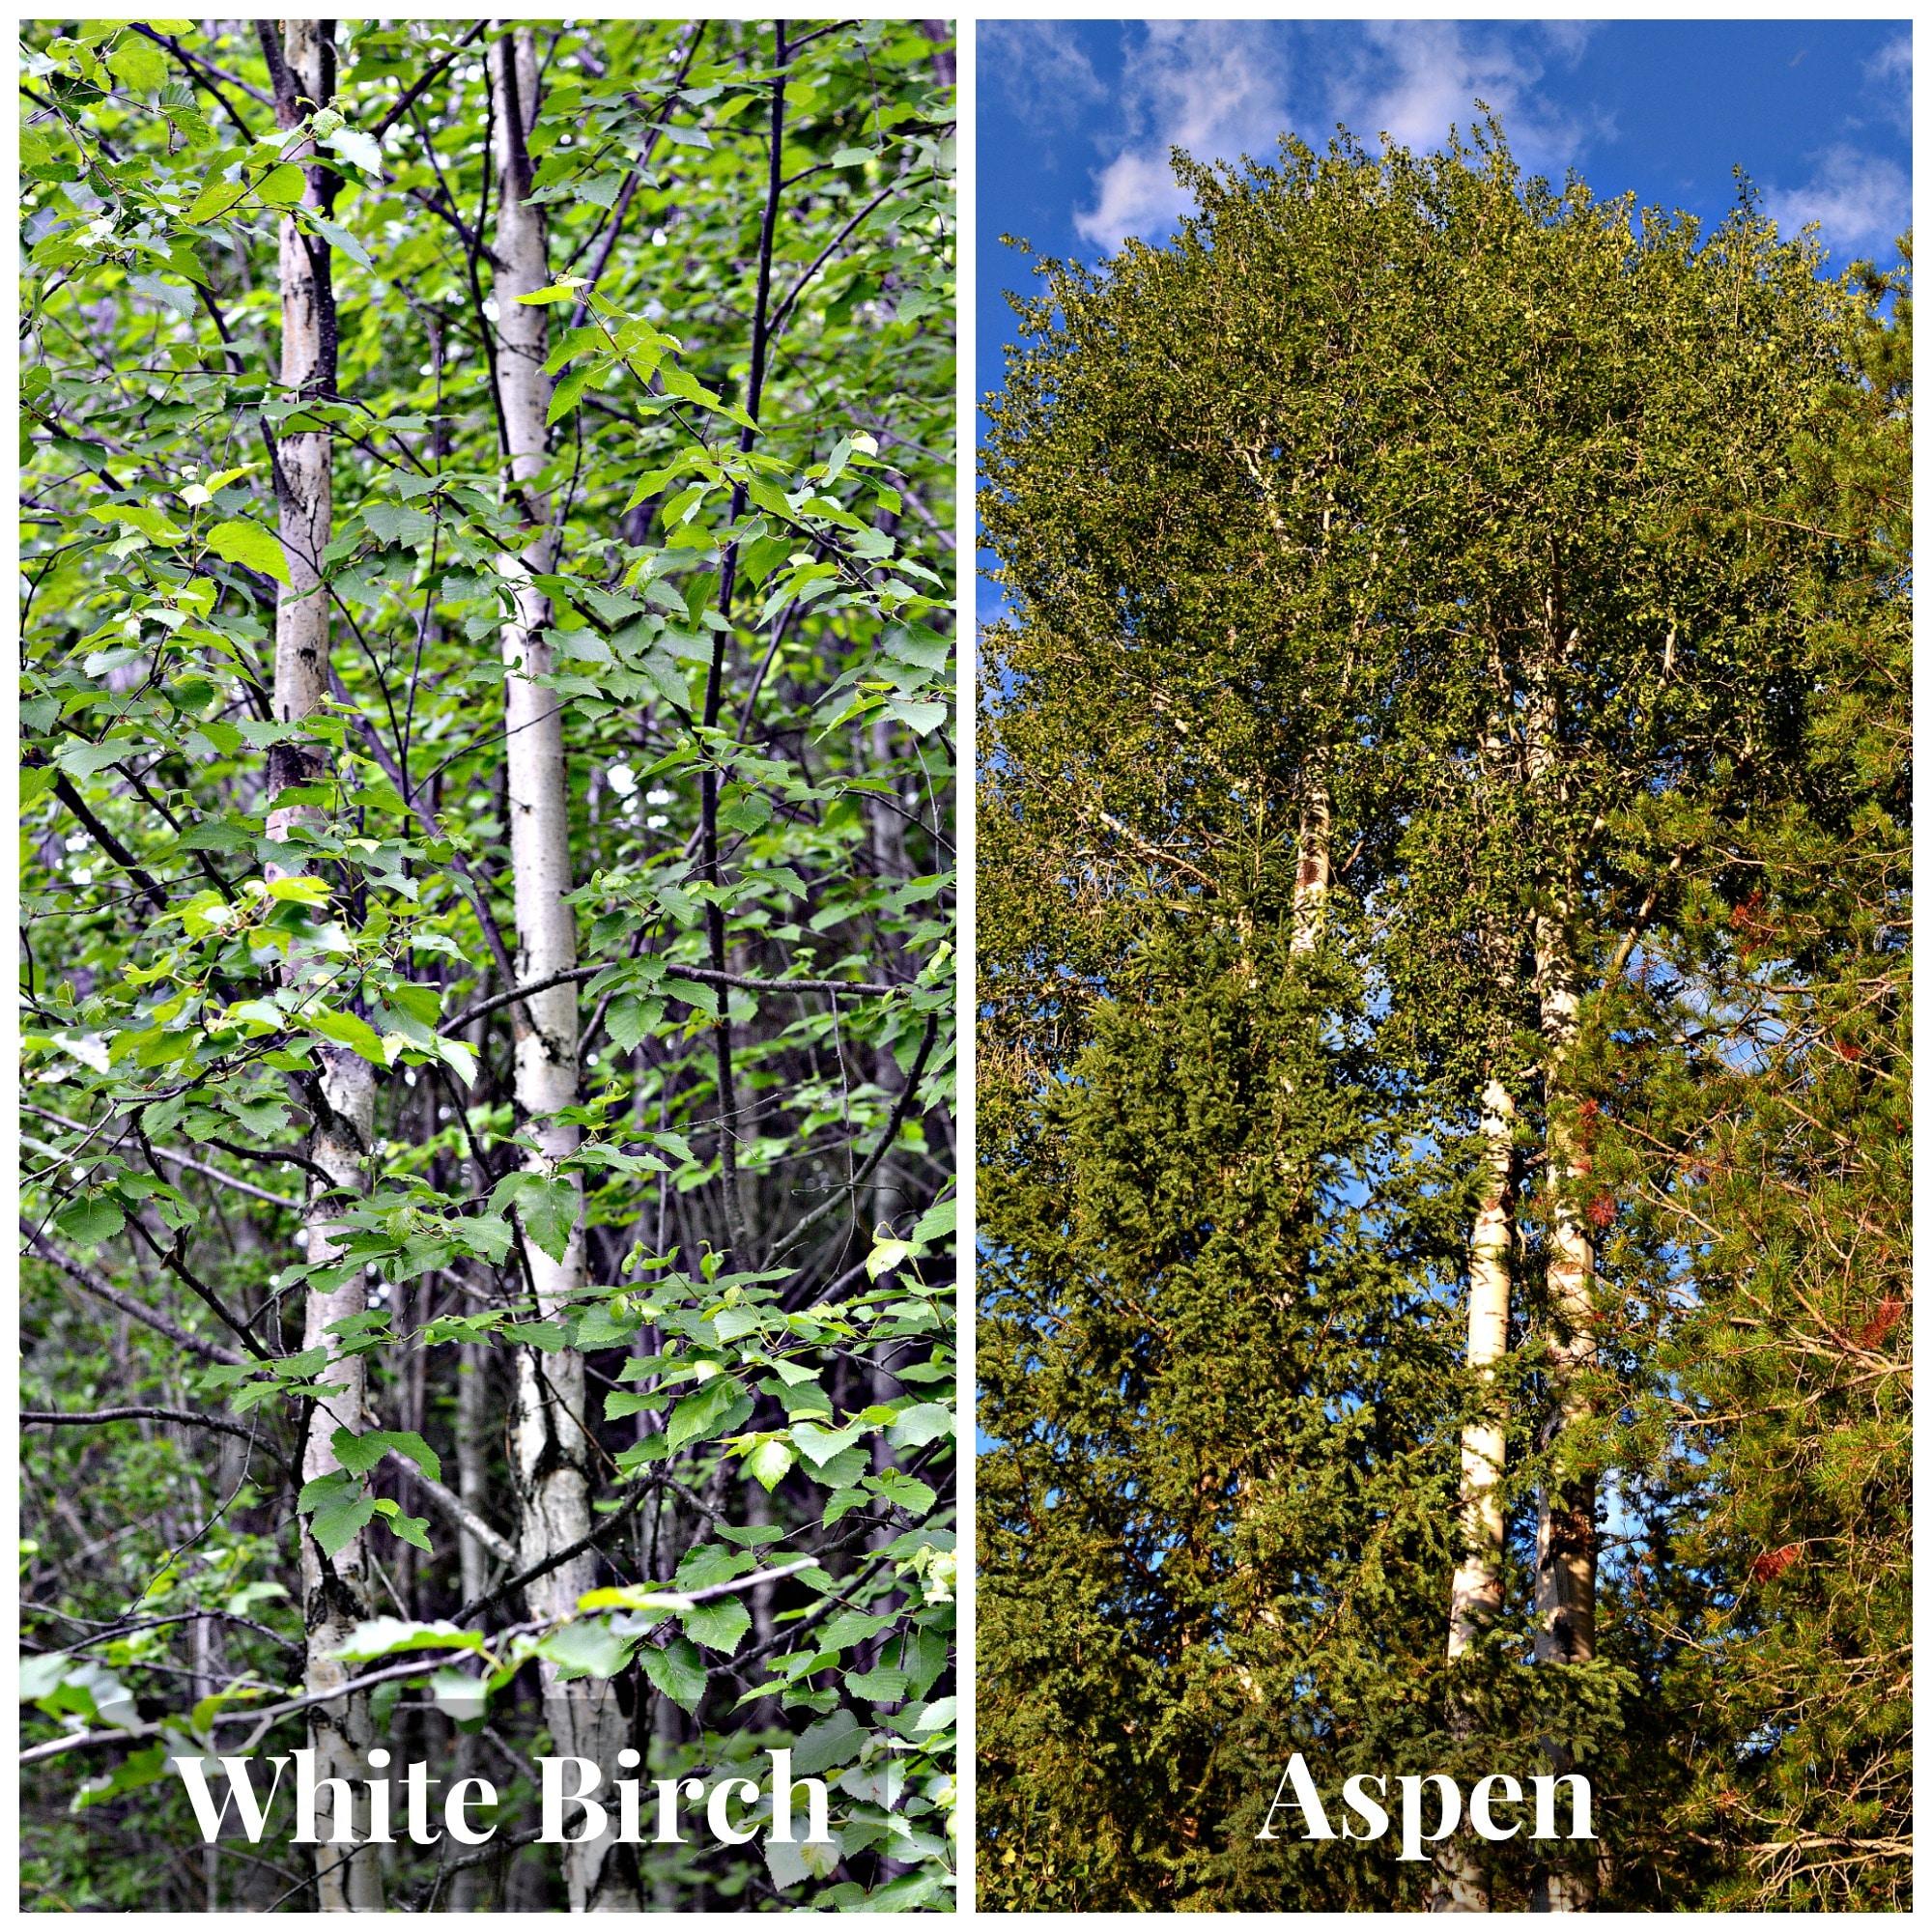 A comparison of Birch (left) and Aspen (right)